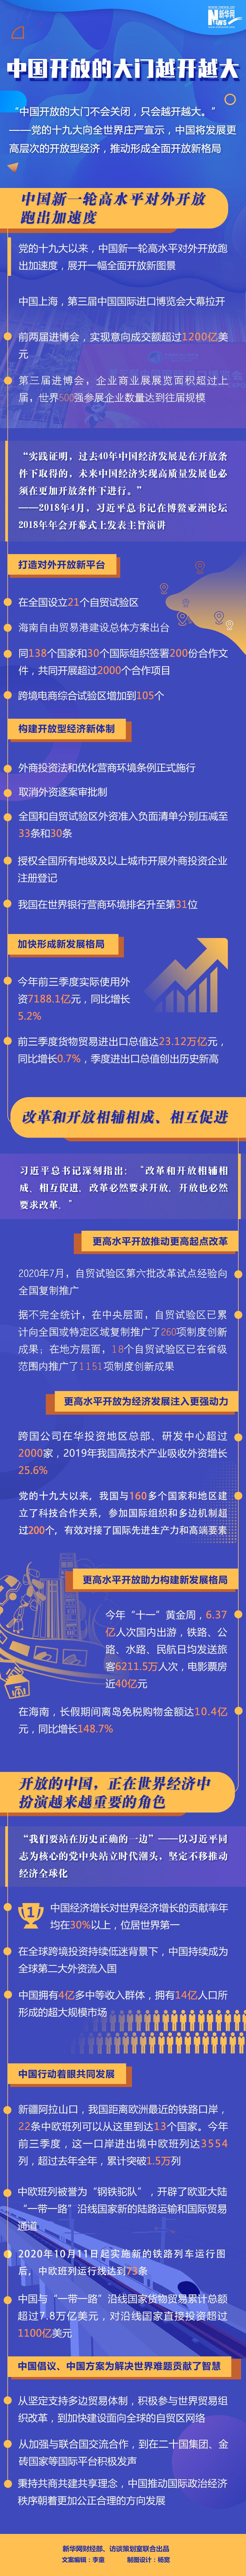 《【恒达娱乐登陆注册】进博会又双叒来了!逆风逆水中,中国为何勇开顶风船?》